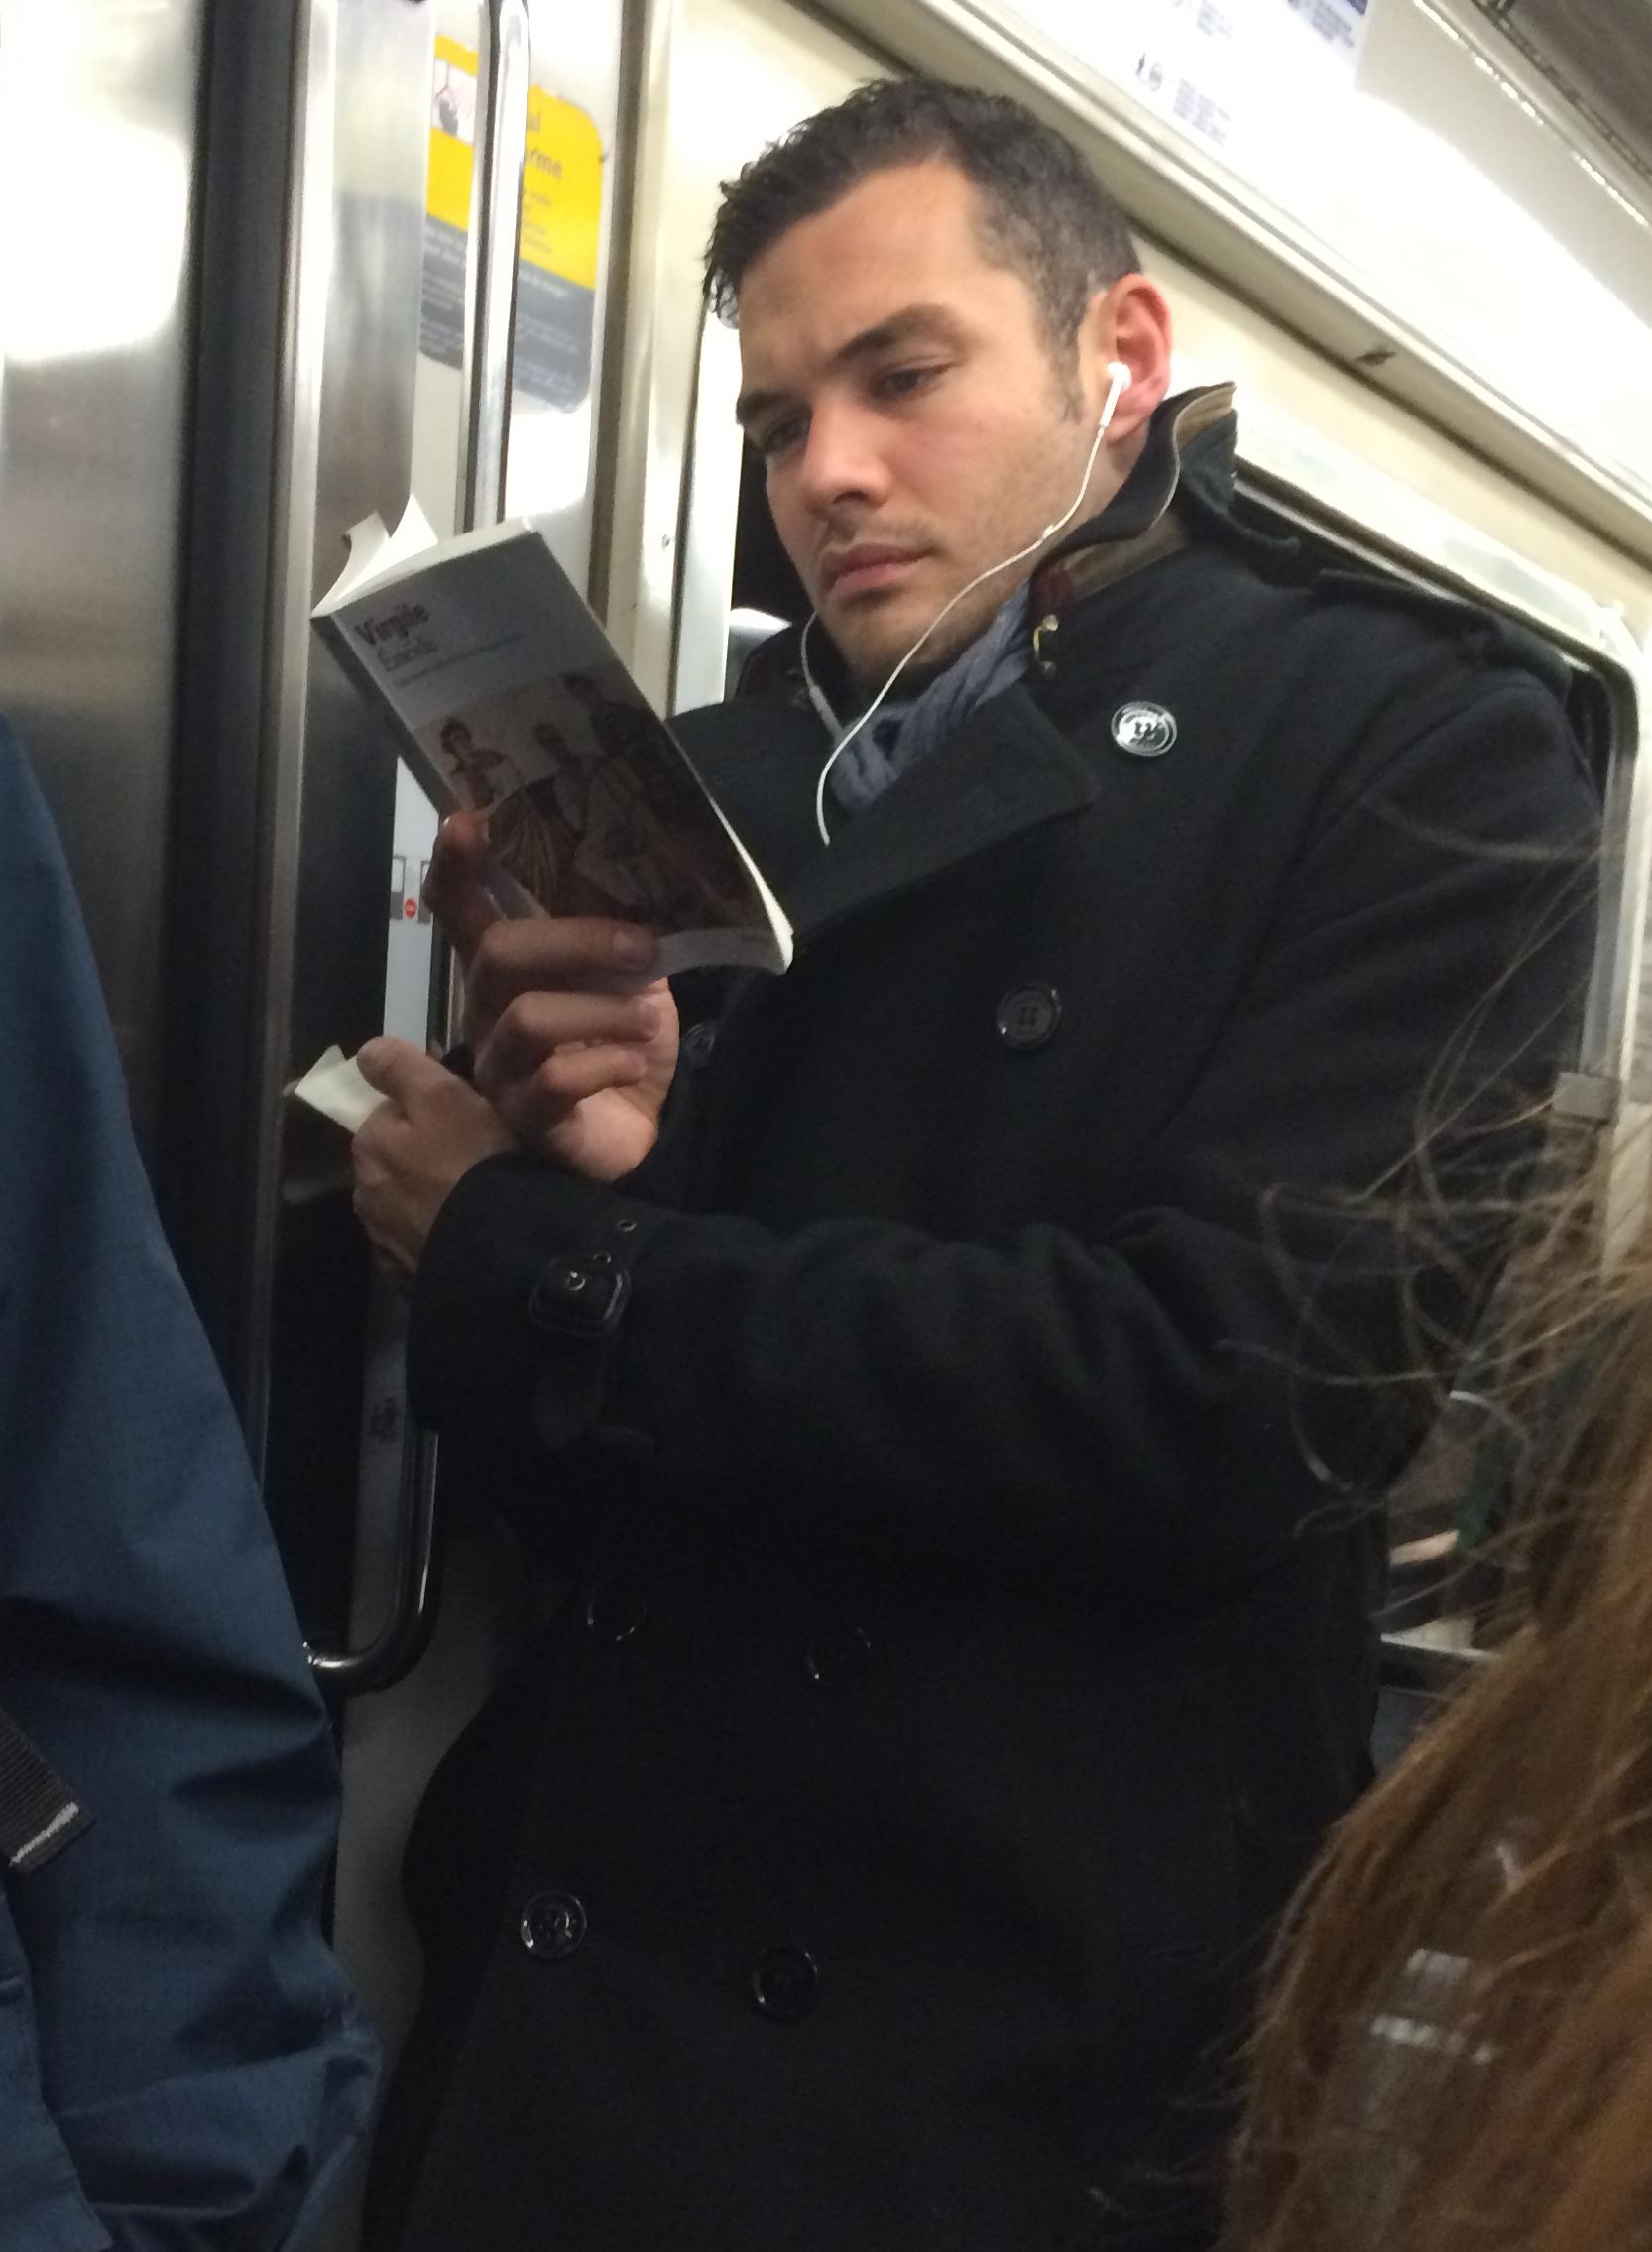 Jeune homme en manteau, debout dans le métro, lisant l'Enéide